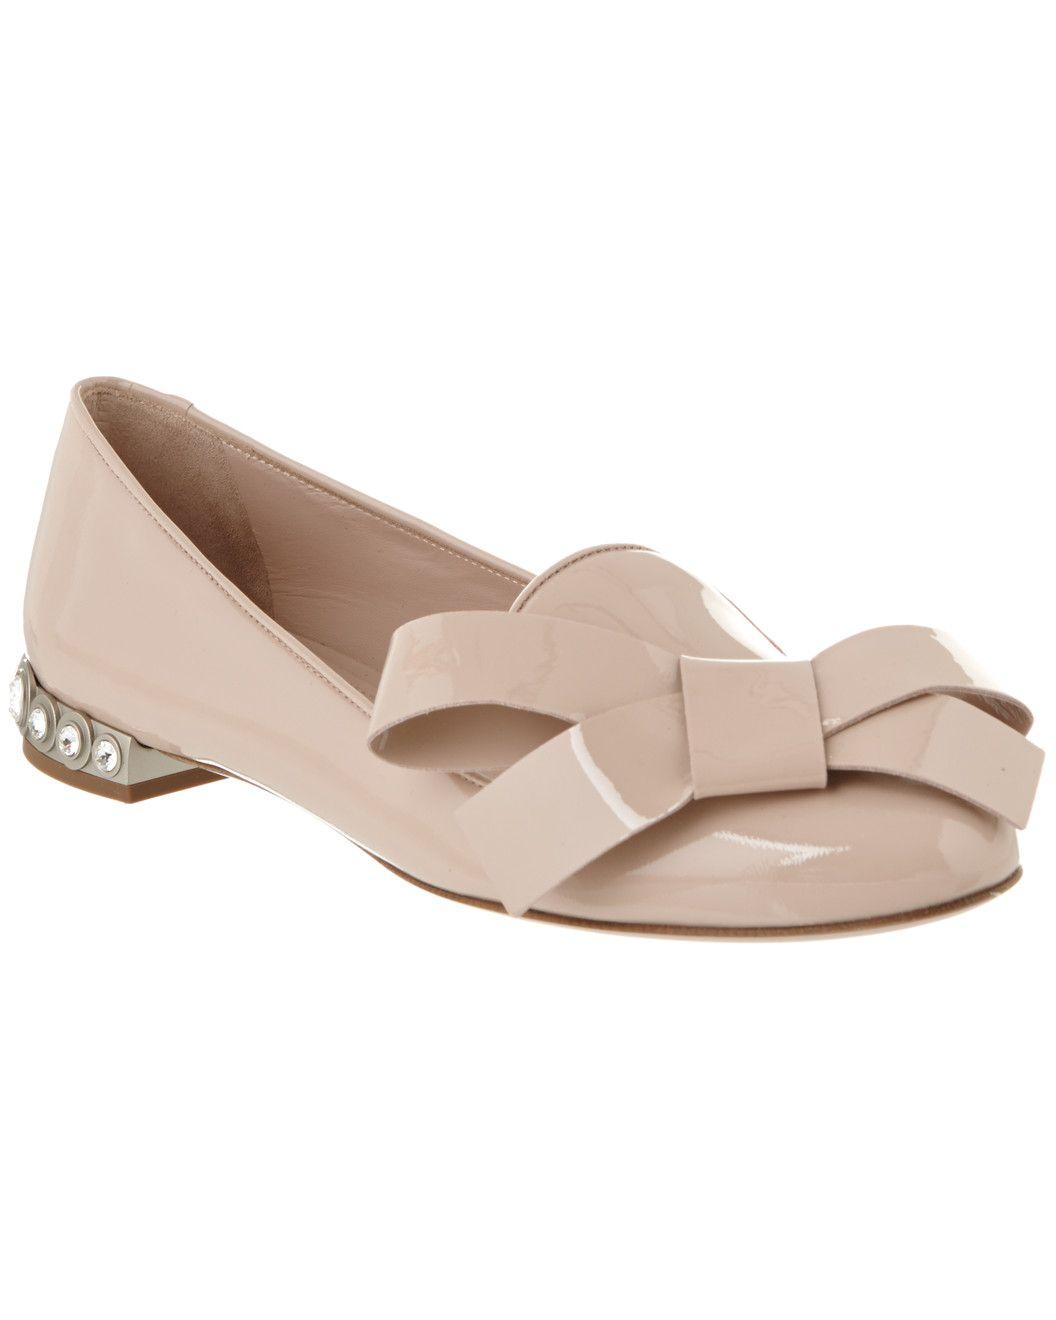 MIU MIU Embellished Heel Patent Loafer